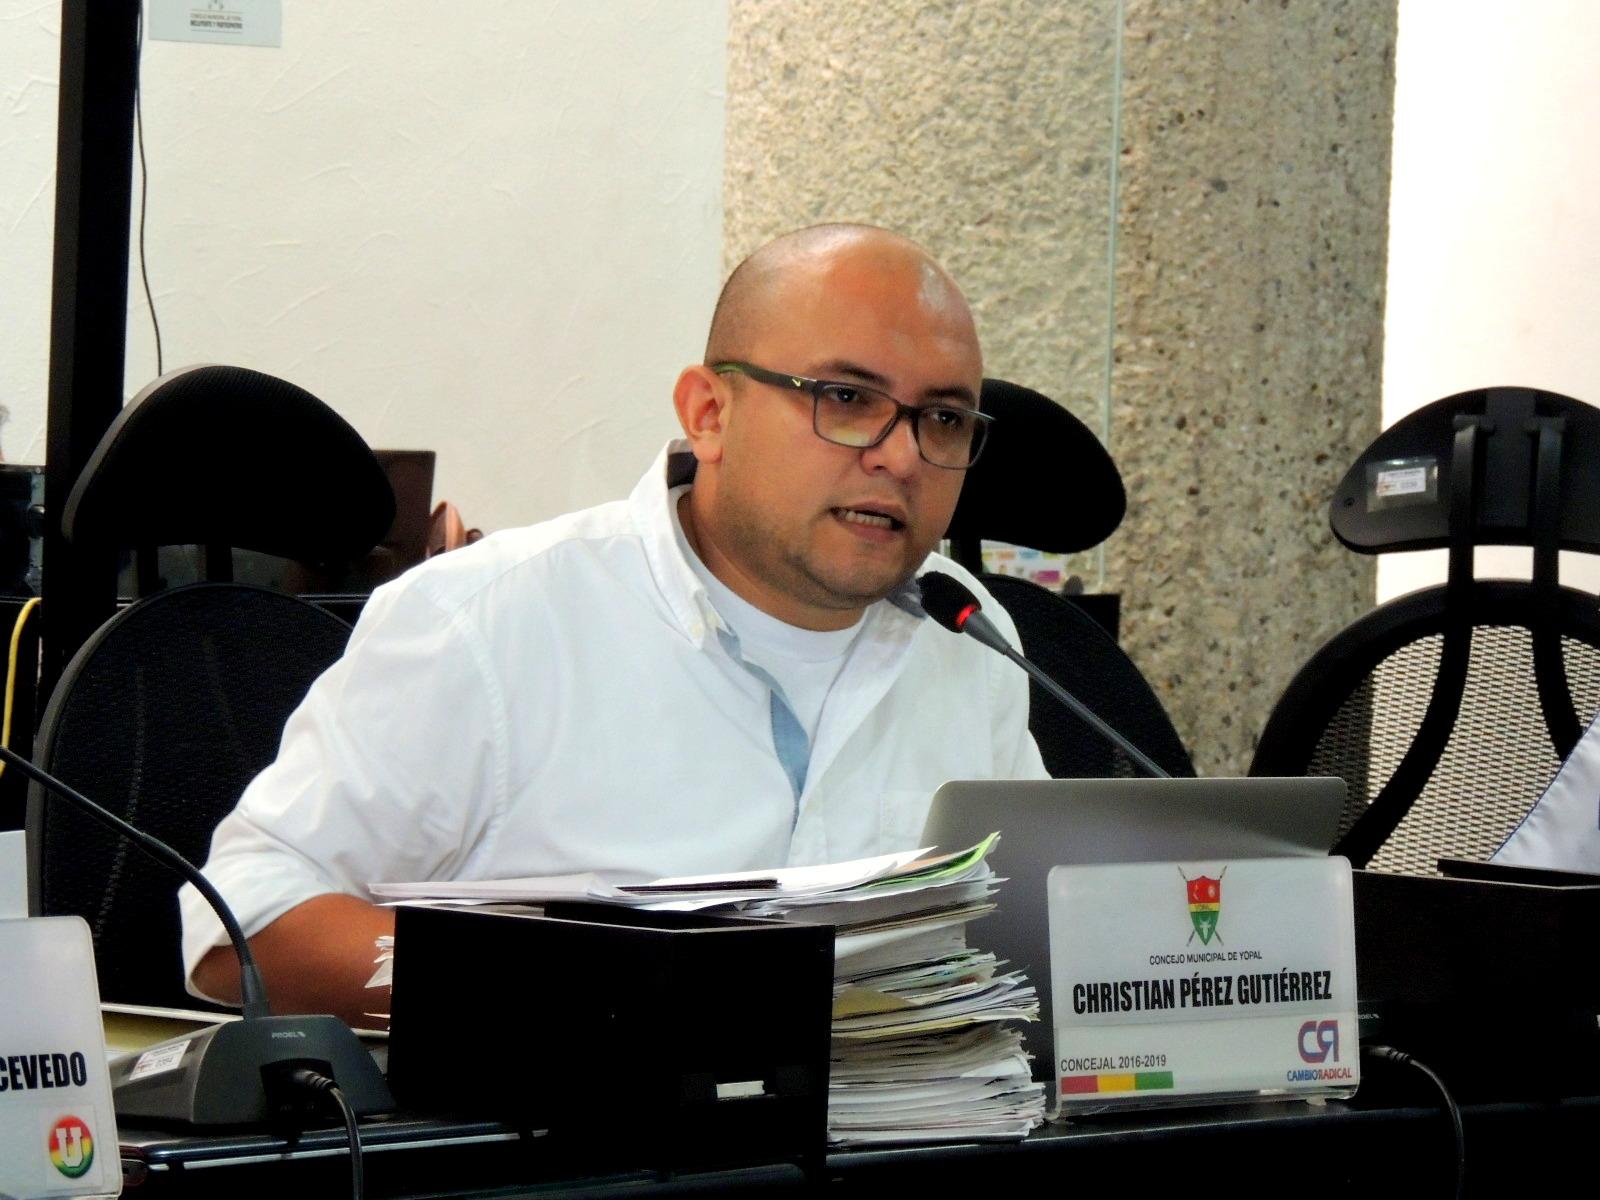 Photo of Archivado proyecto de Acuerdo de vigencias futuras